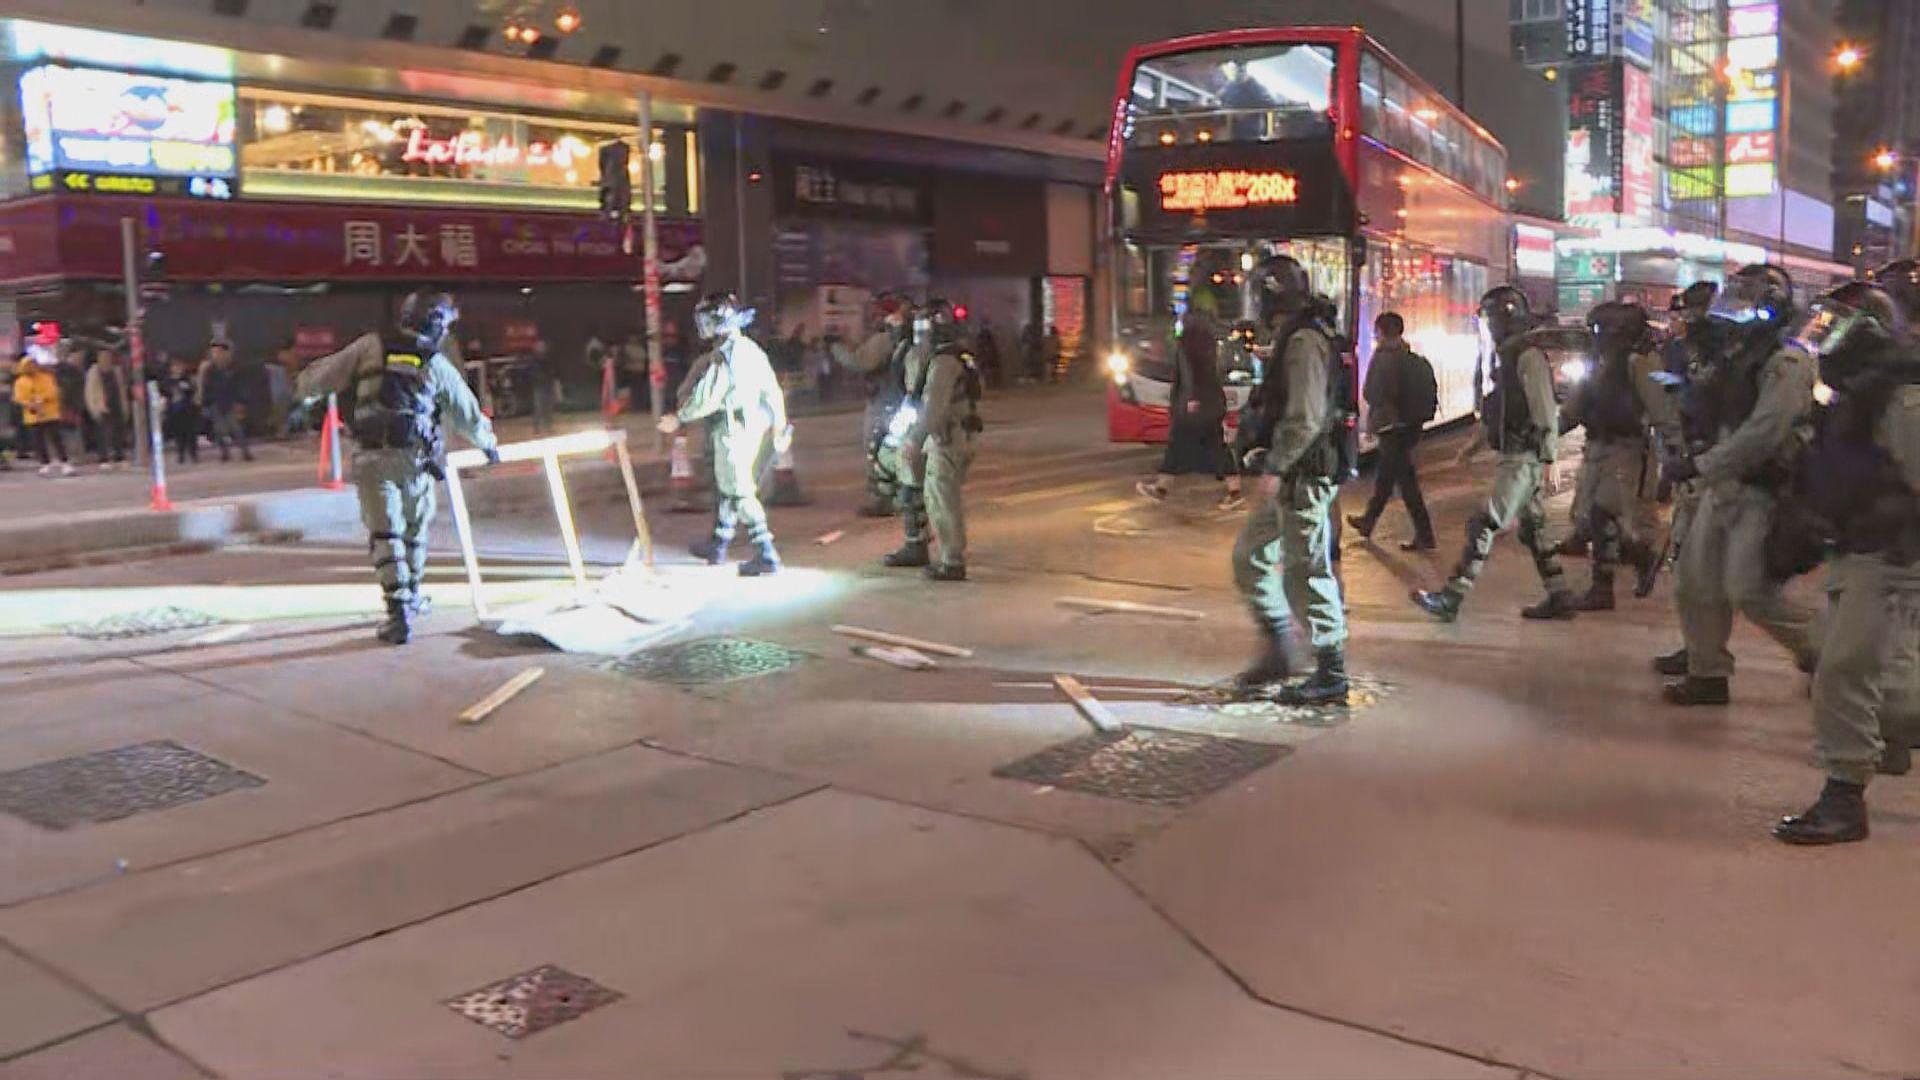 旺角佐敦有人用卡板堵塞彌敦道 防暴到場清走路障